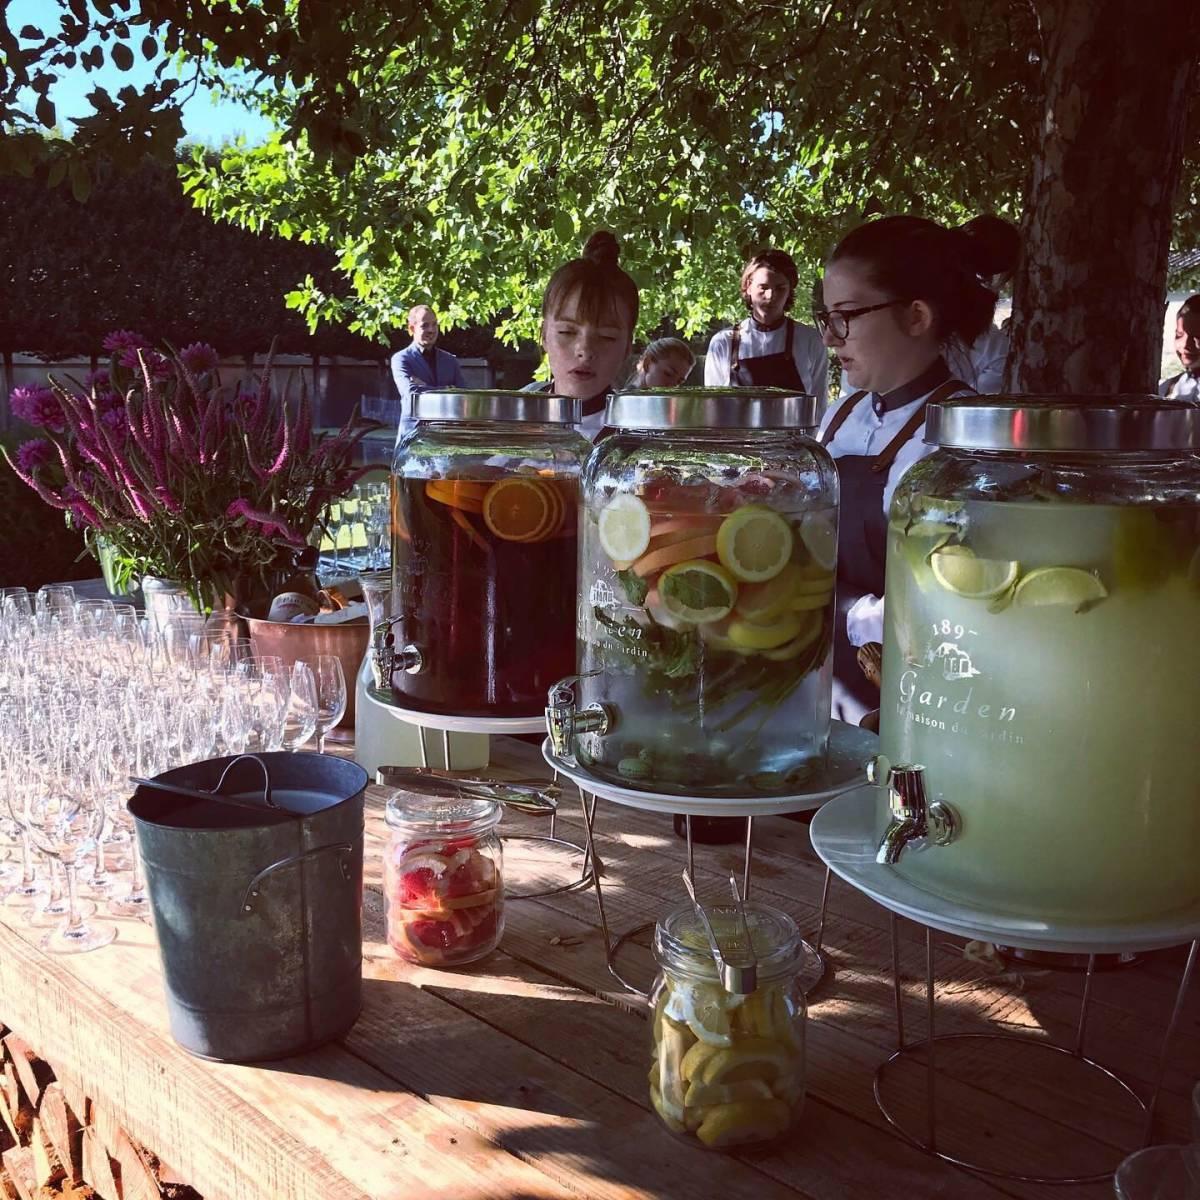 Hendrickx feesten - Catering - Traiteur - Cateraar - House of Events - 25